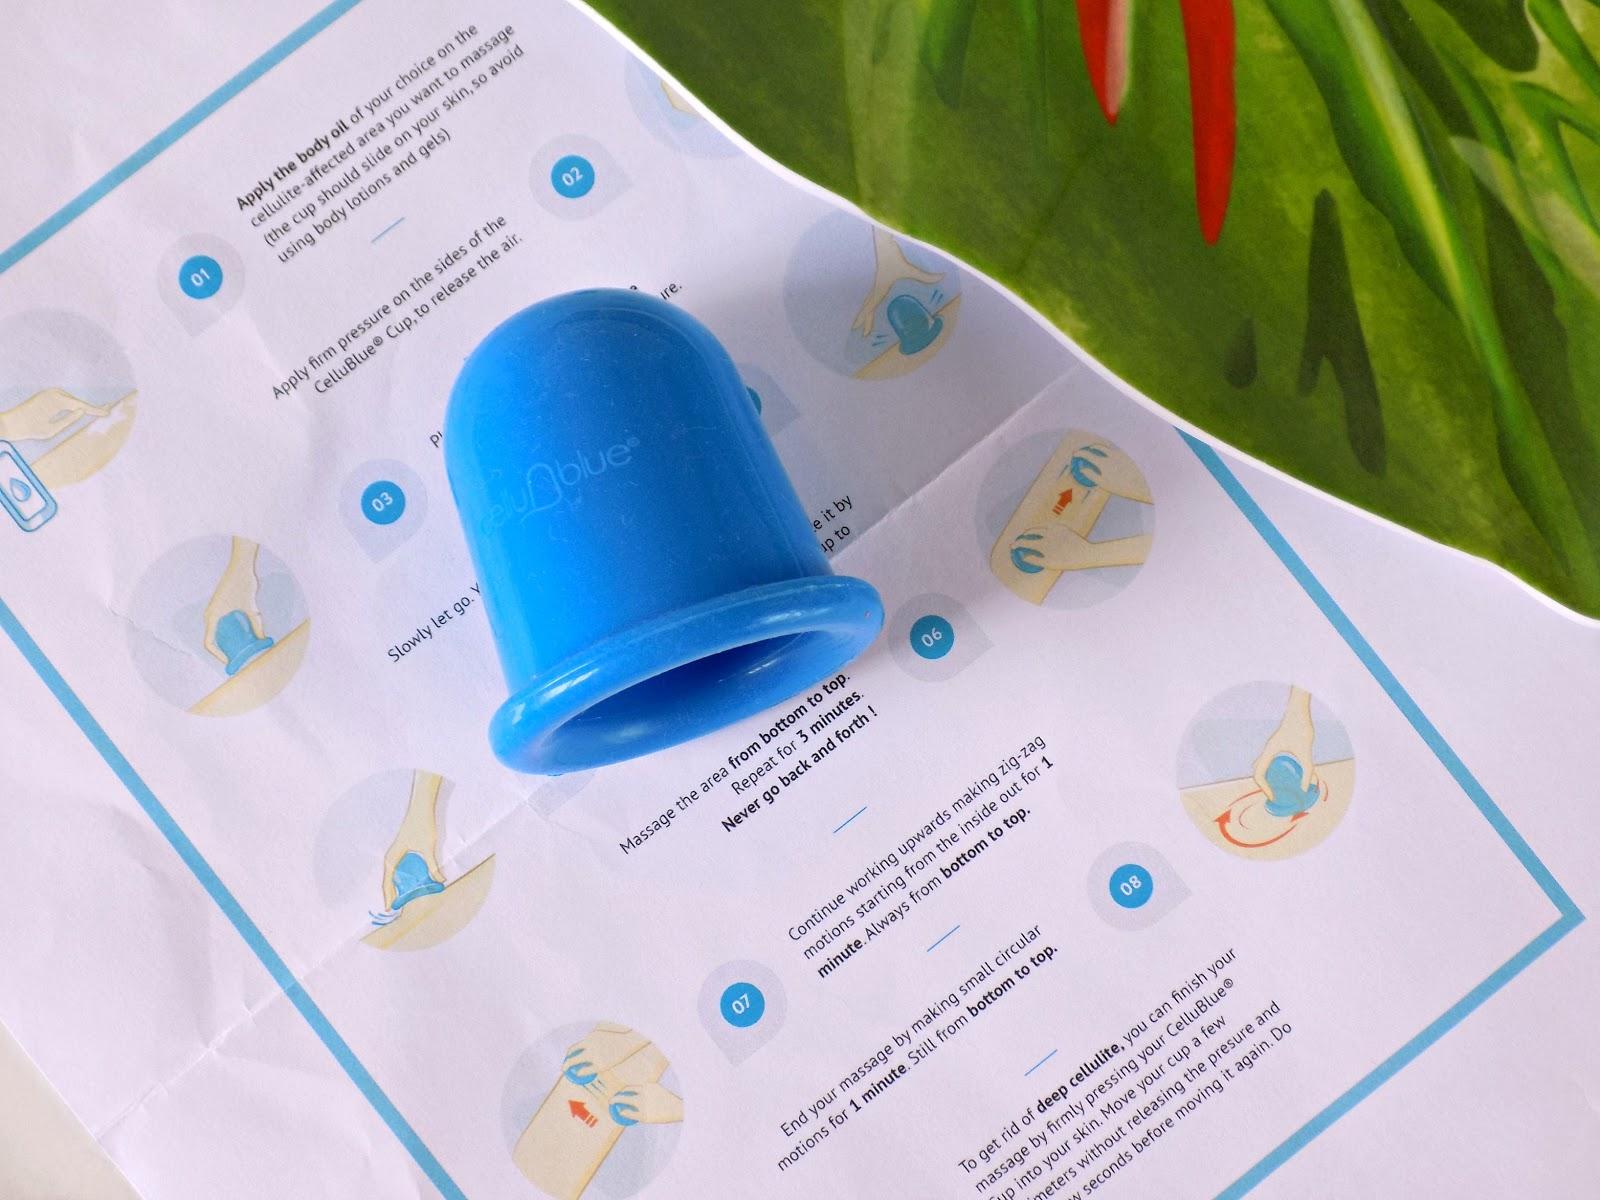 CelluBlue Cup